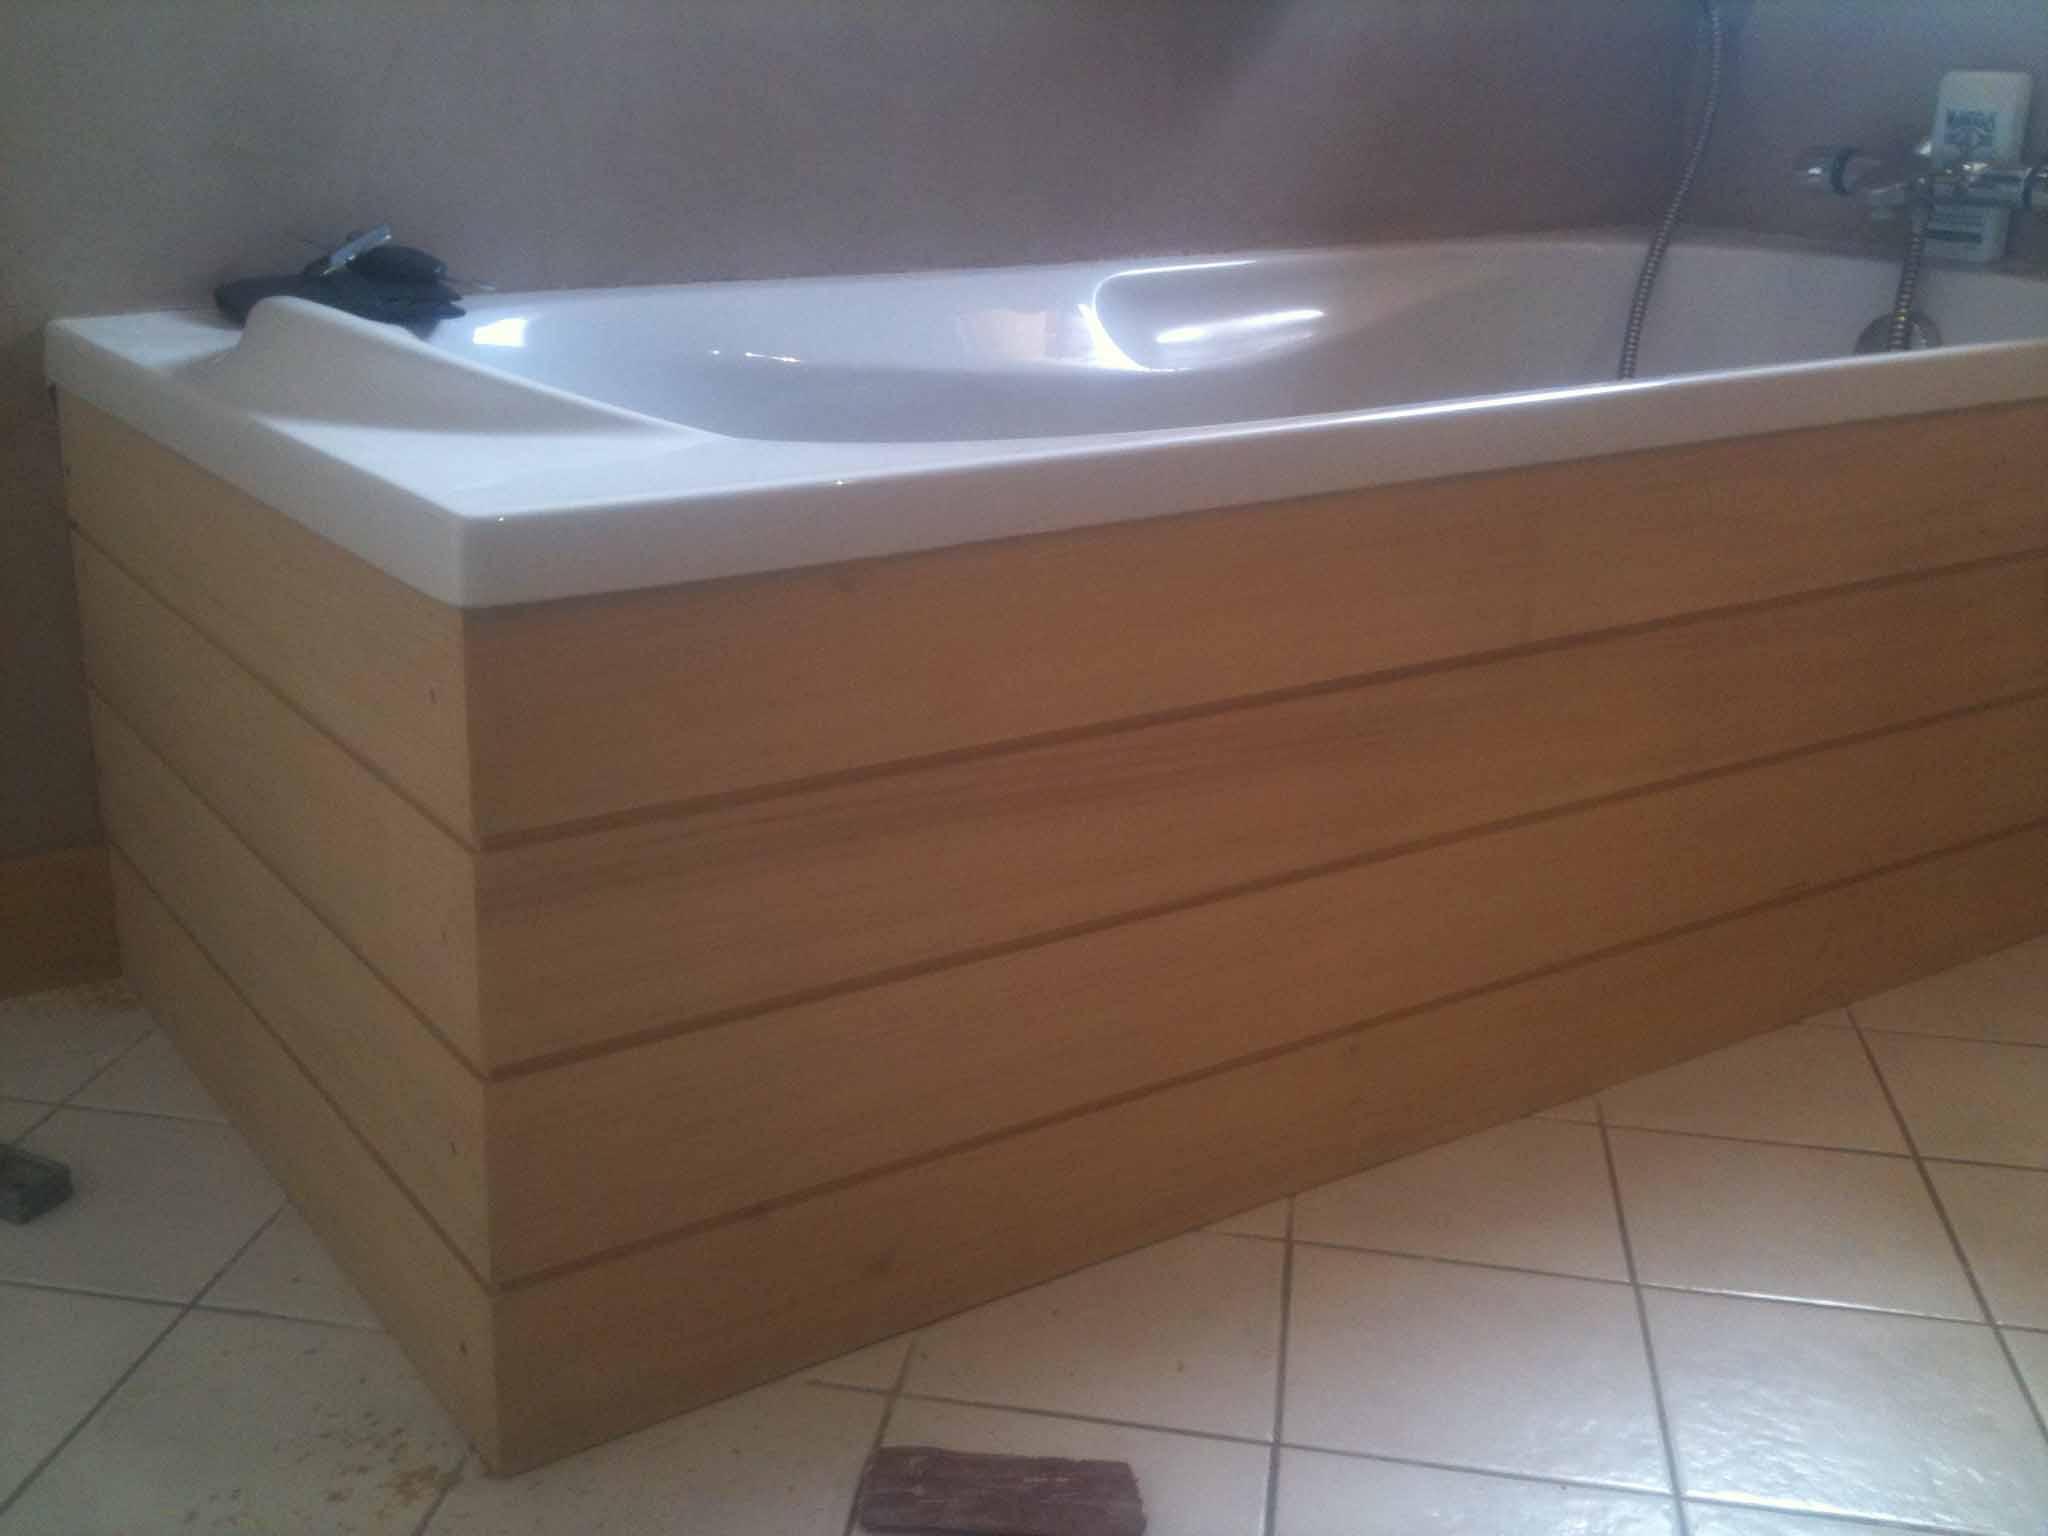 fabriquer une baignoire en bois Fabriquer Sa Baignoire